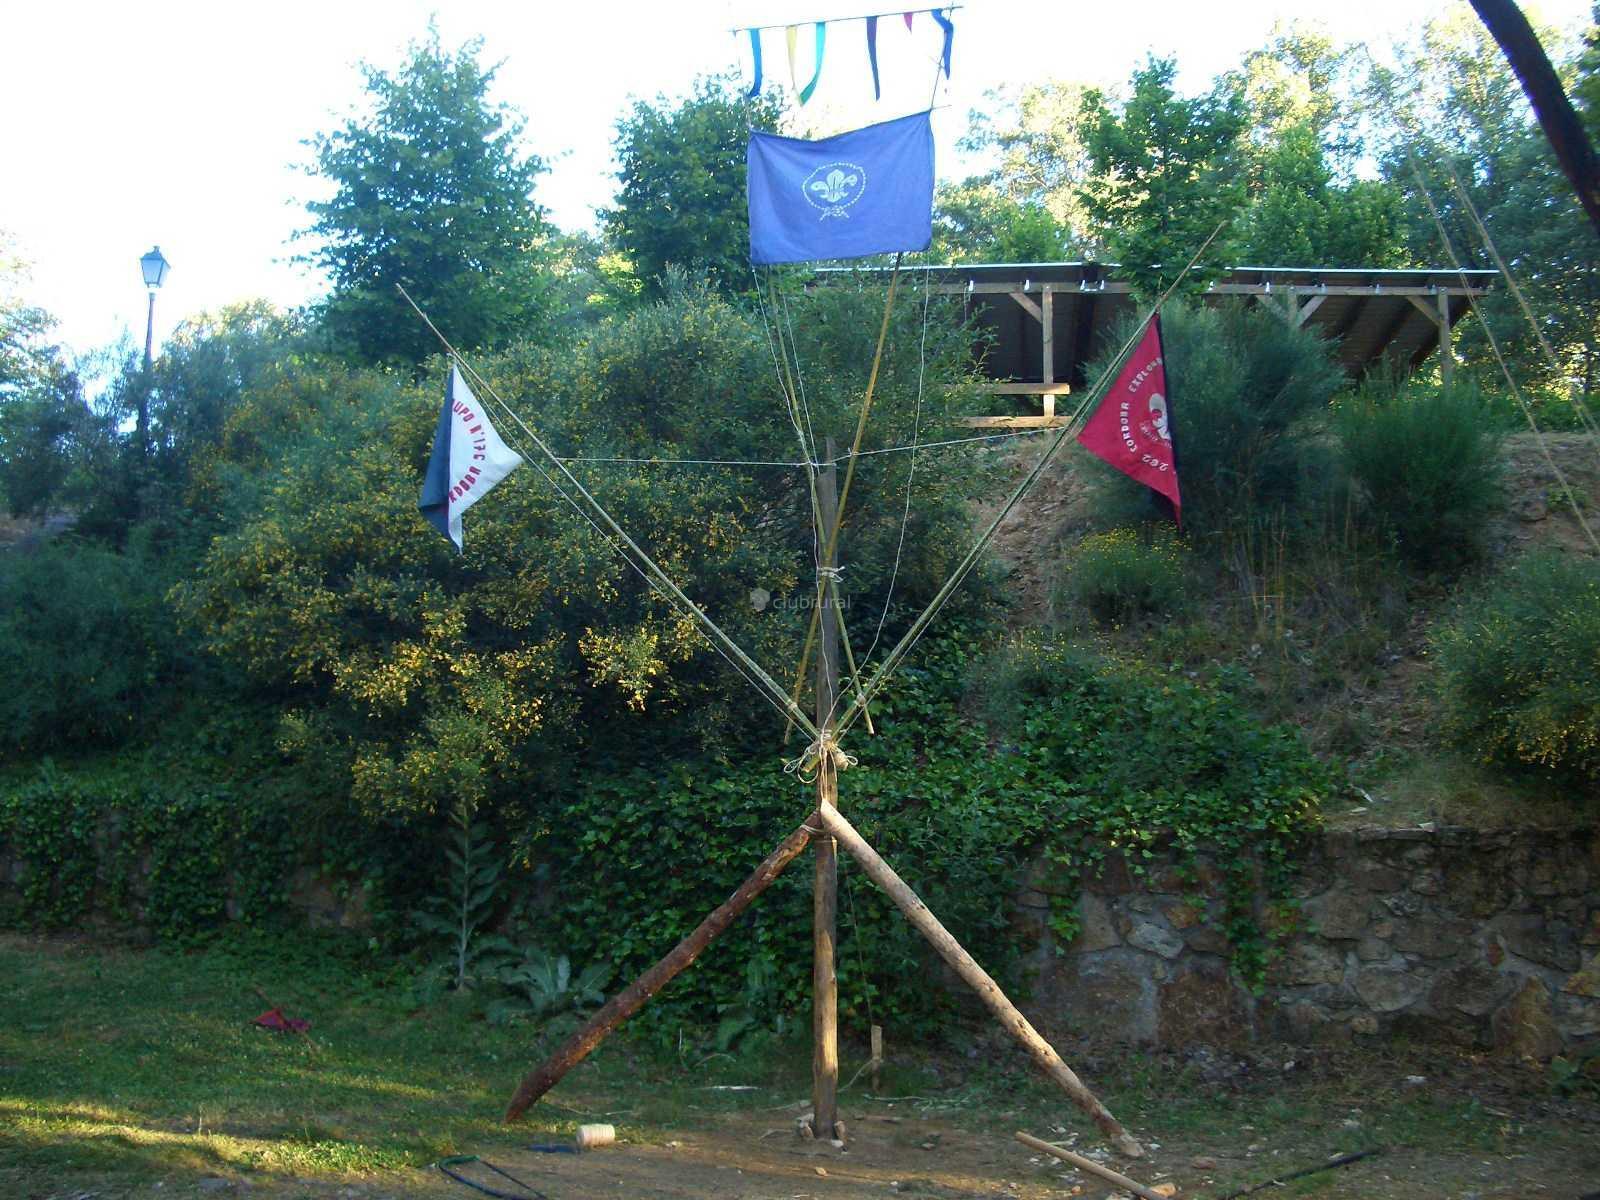 Fotos de Camping La Acebeda  Madrid  La Acebeda  Clubrural